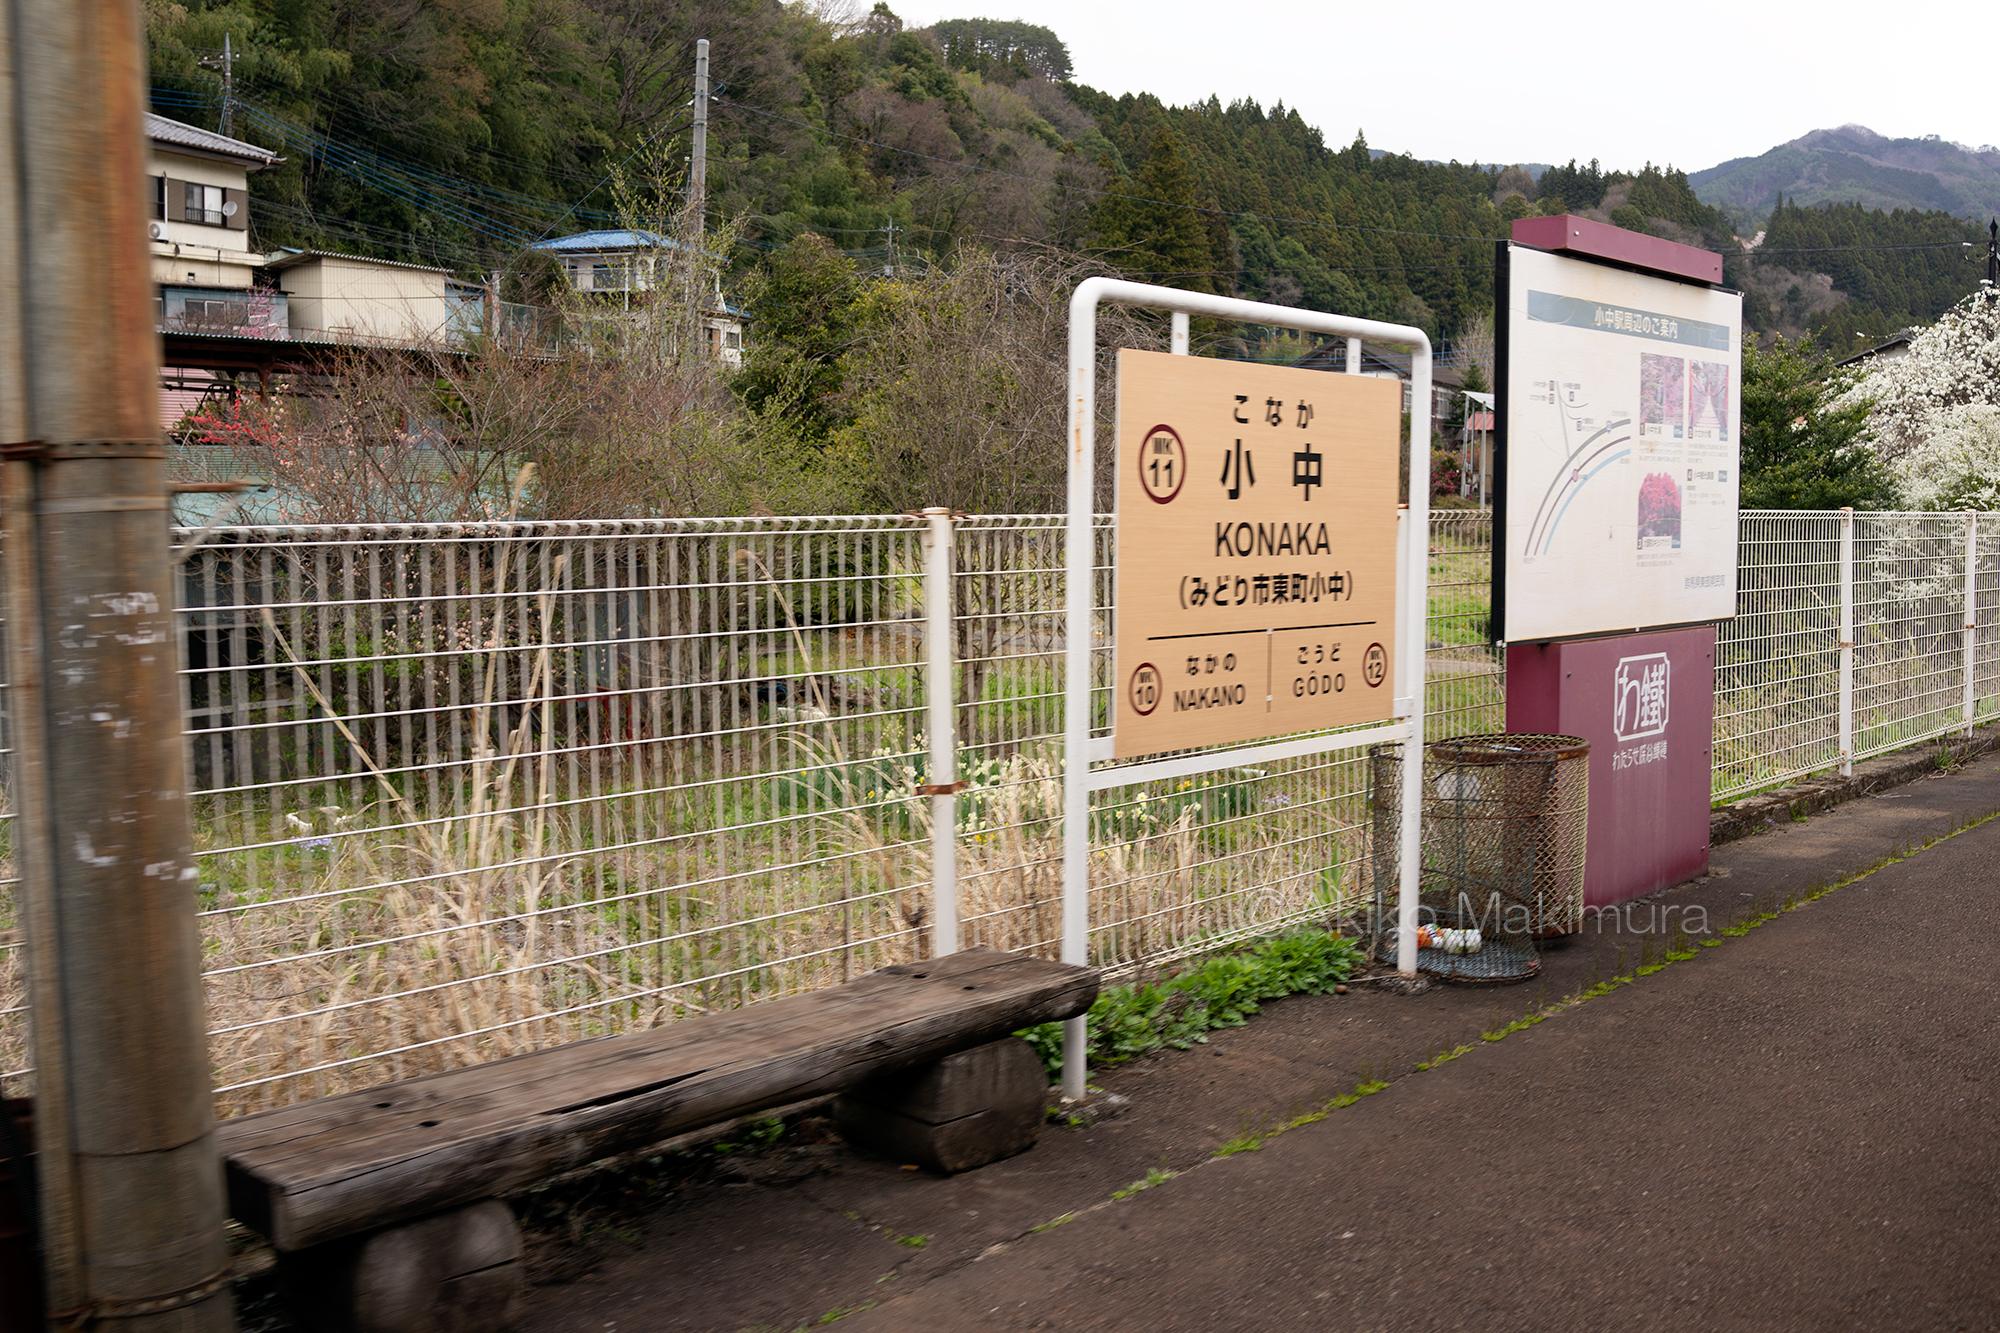 鉄道より古く集落統合の記憶残す廃校跡 わたらせ渓谷鉄道の旅3